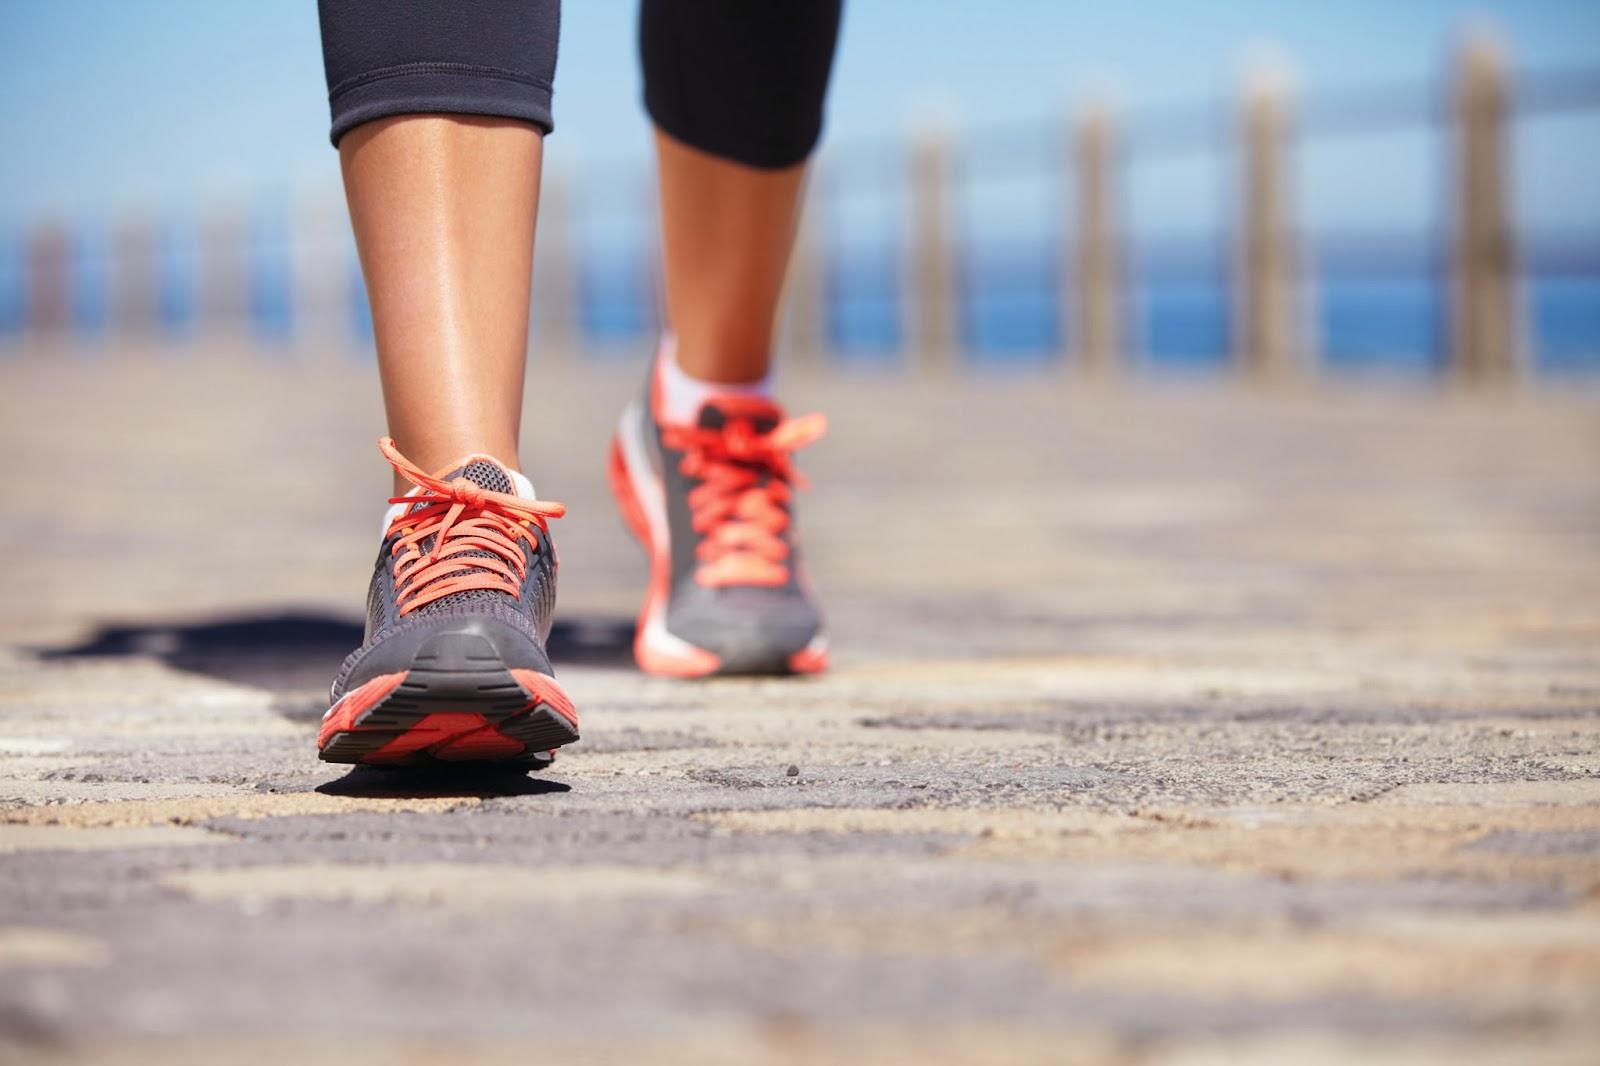 rüyada-yürümek-görmek Metabolizma Hızlandırma Yolları